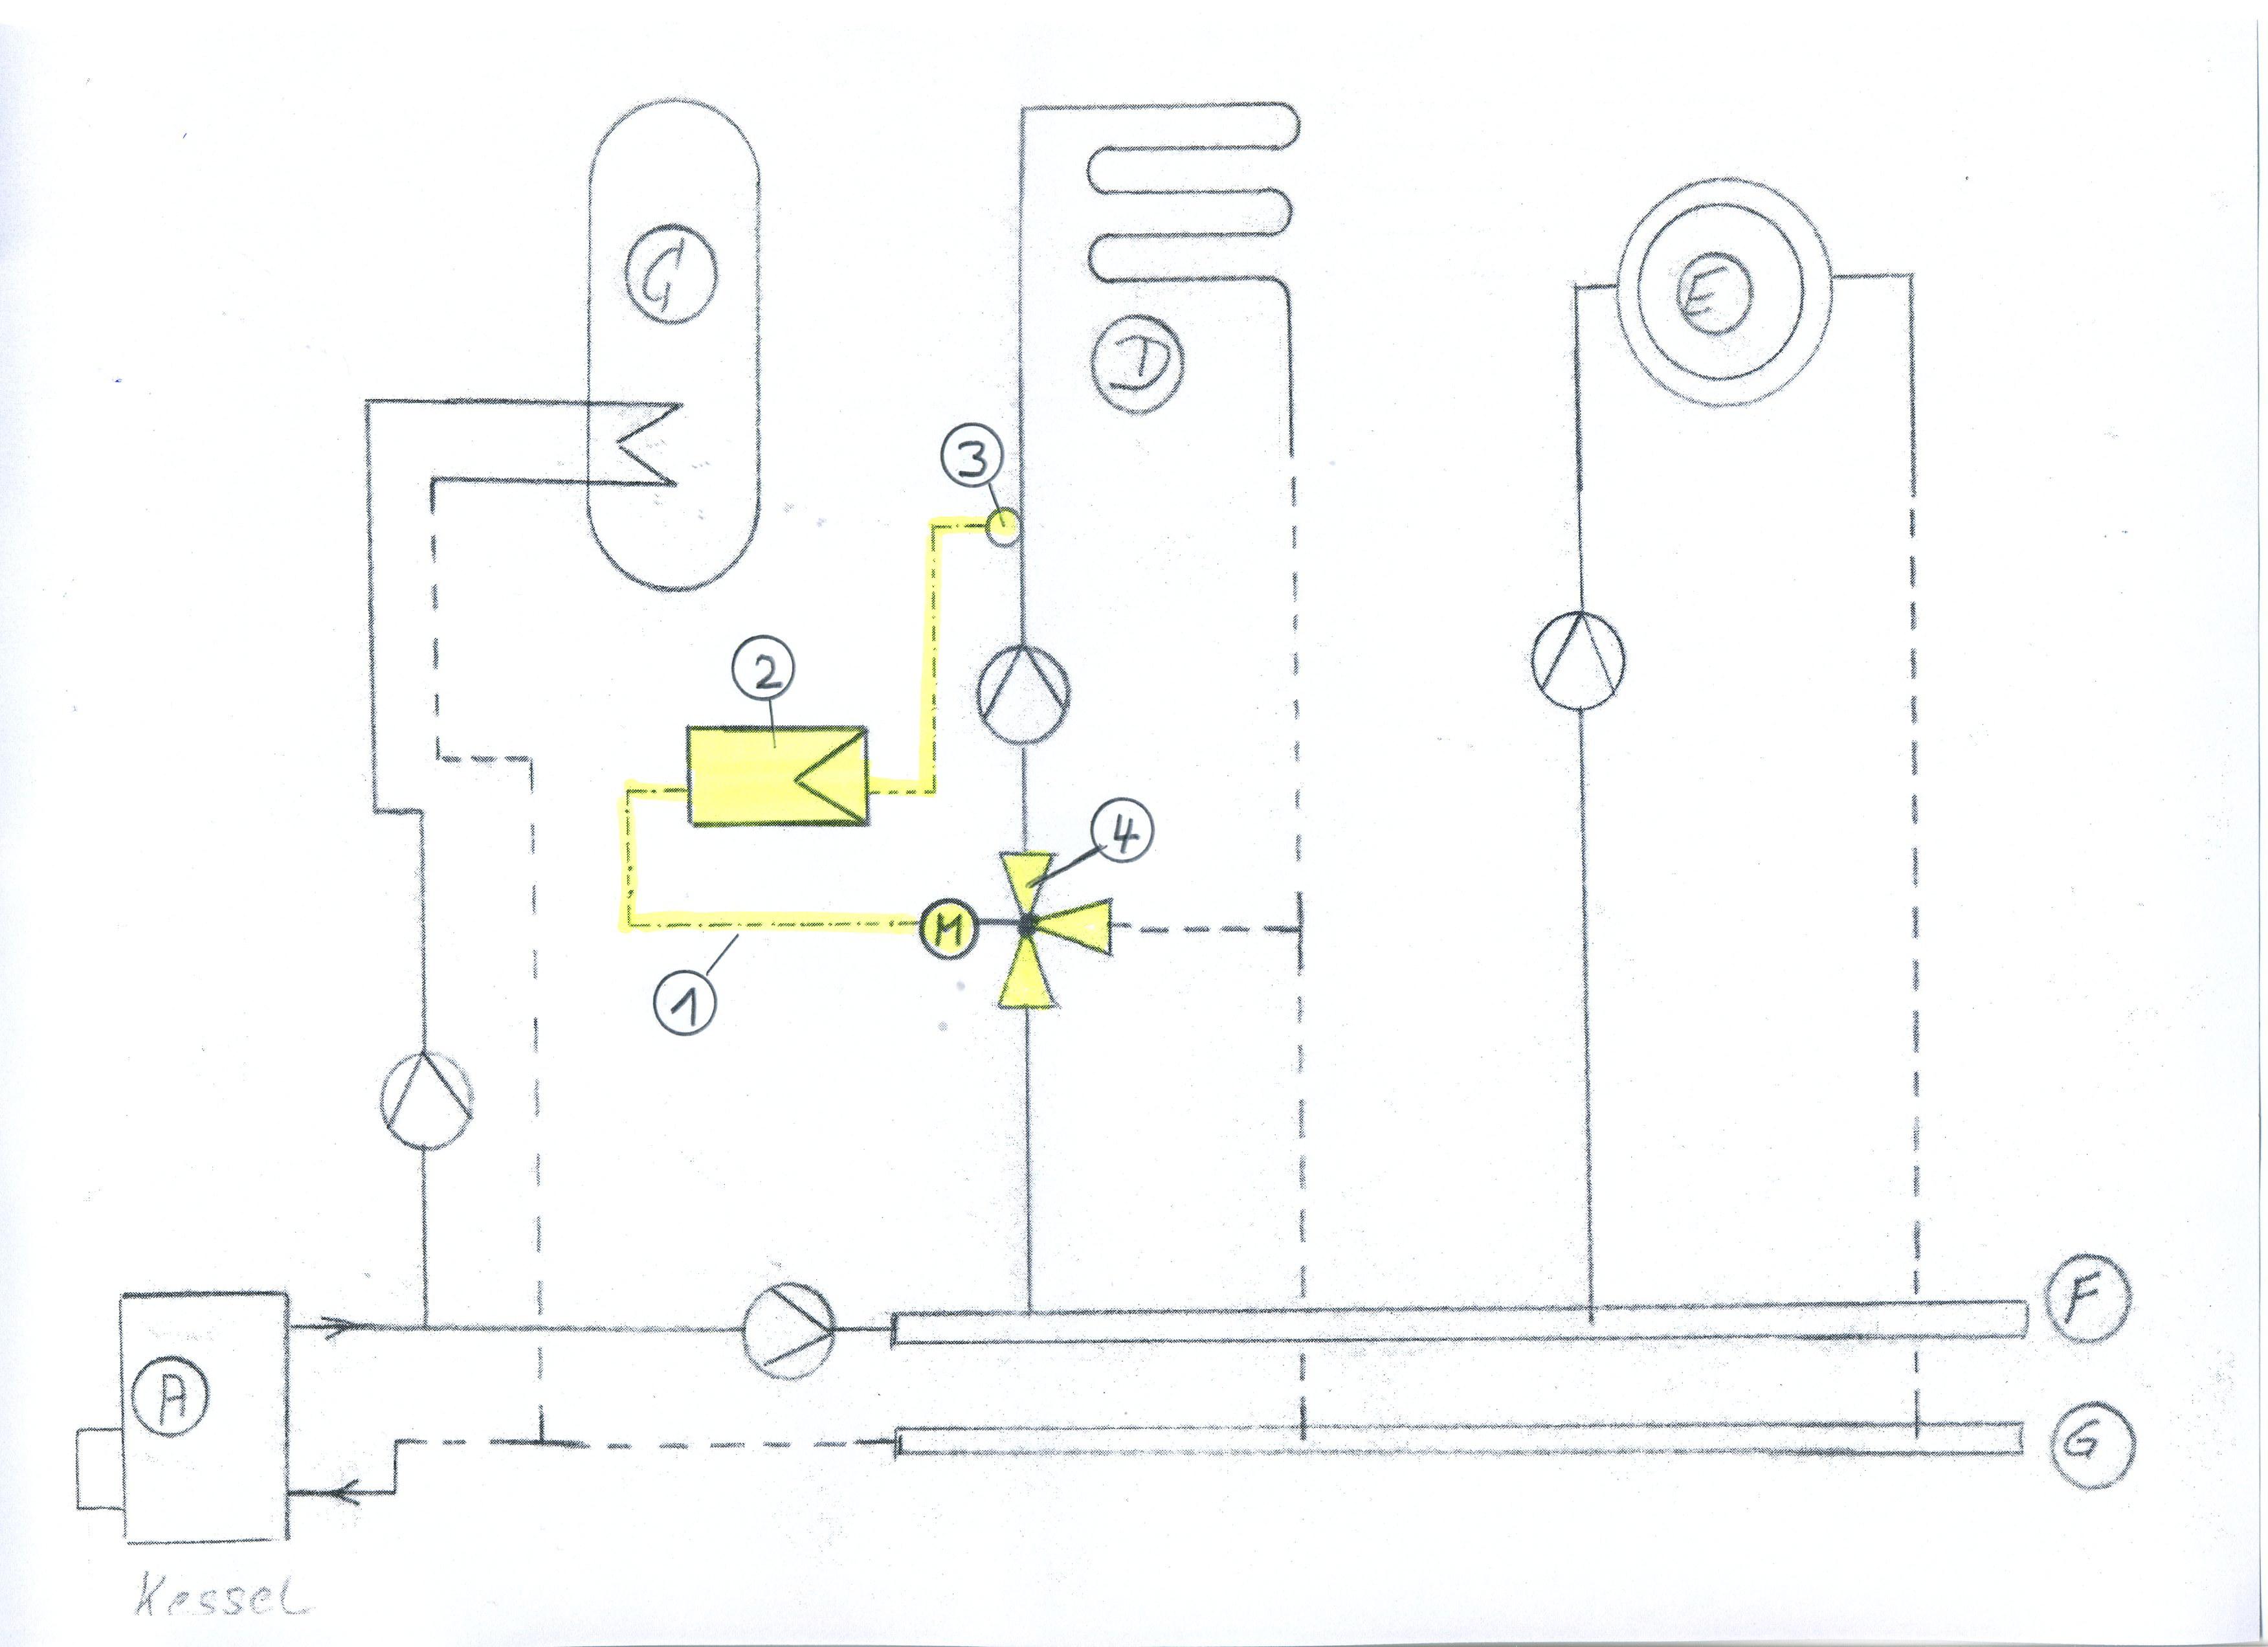 wunderbar schema der heizungsanlage ideen die besten elektrischen schaltplan ideen. Black Bedroom Furniture Sets. Home Design Ideas